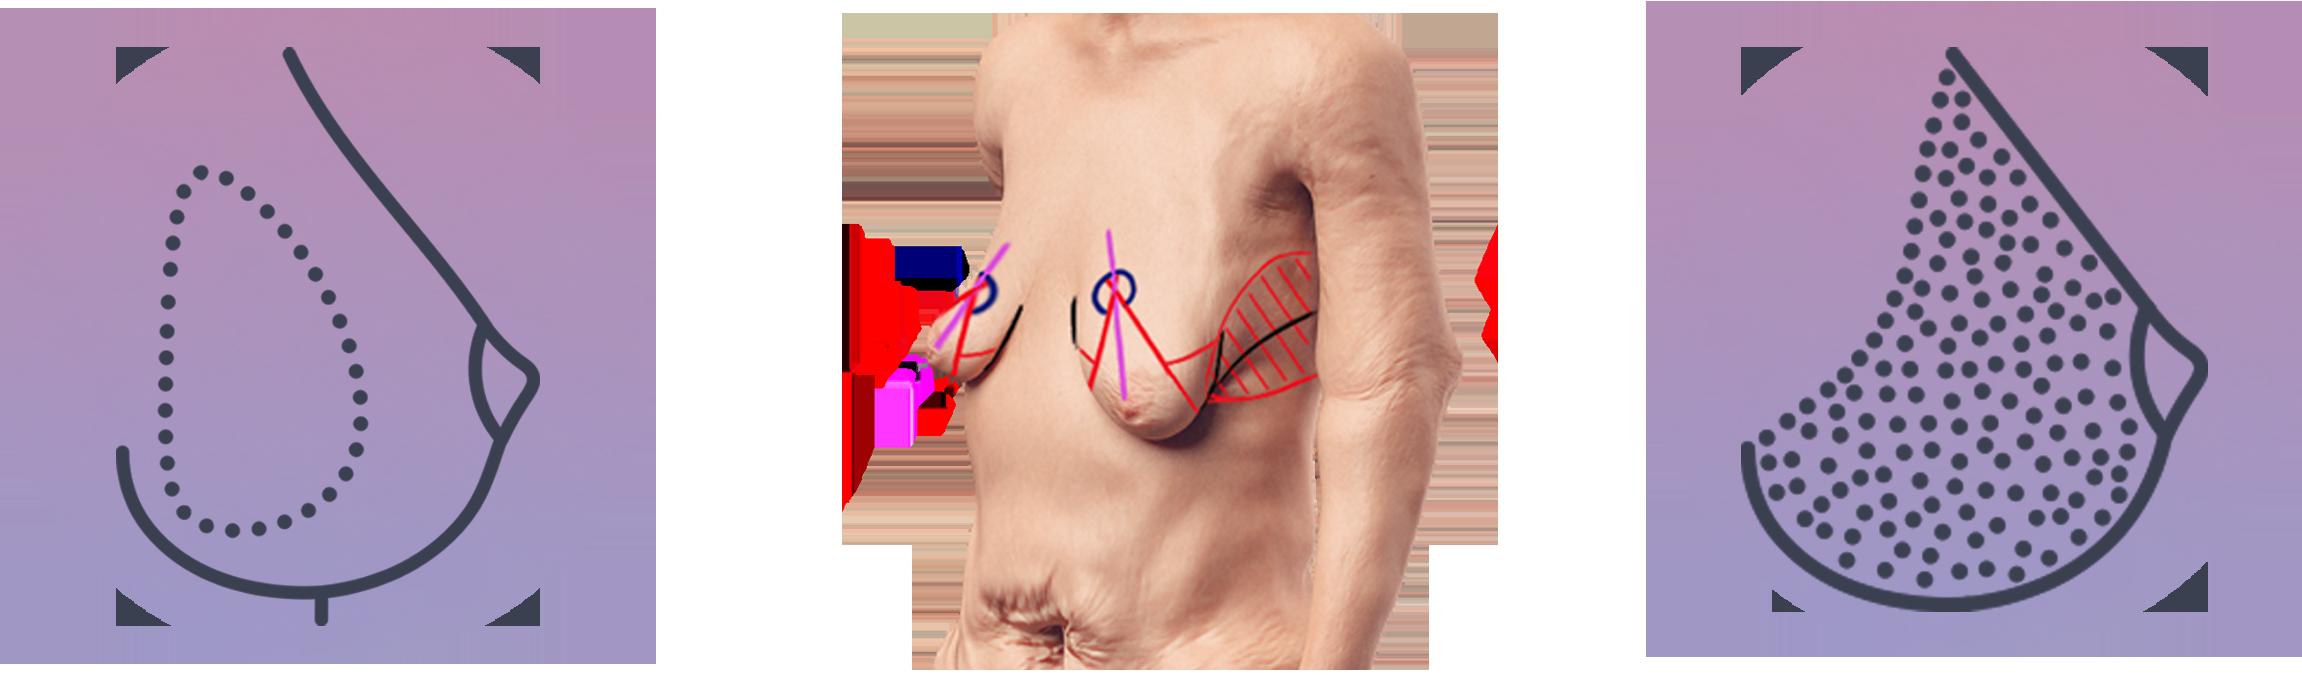 Brustvergrößerung durch Eigengewebe und Implantate